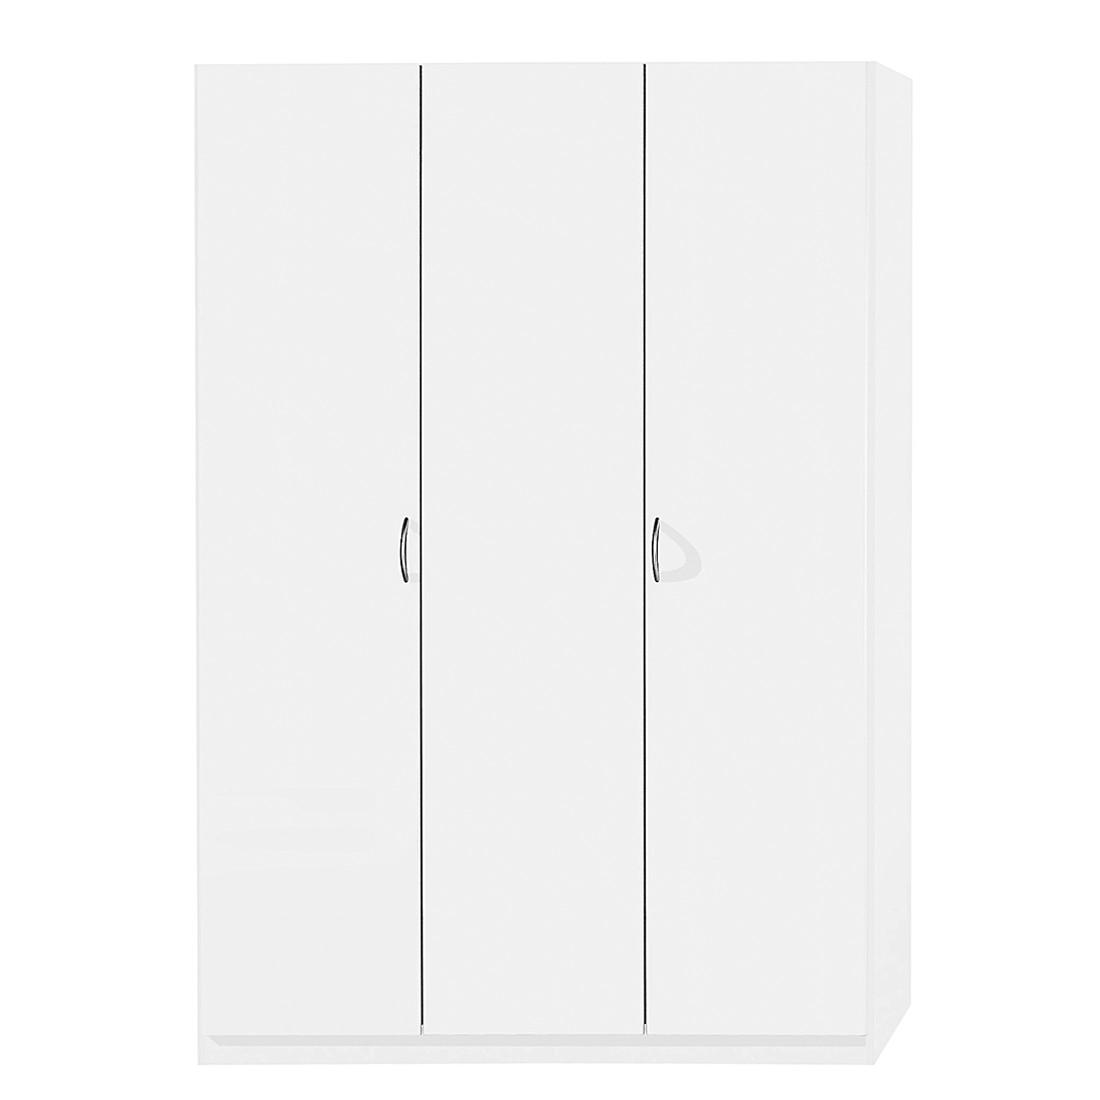 Armoire à portes battantes Case I - Blanc alpin - 91 cm - 2 portes - Standard, Rauch Packs